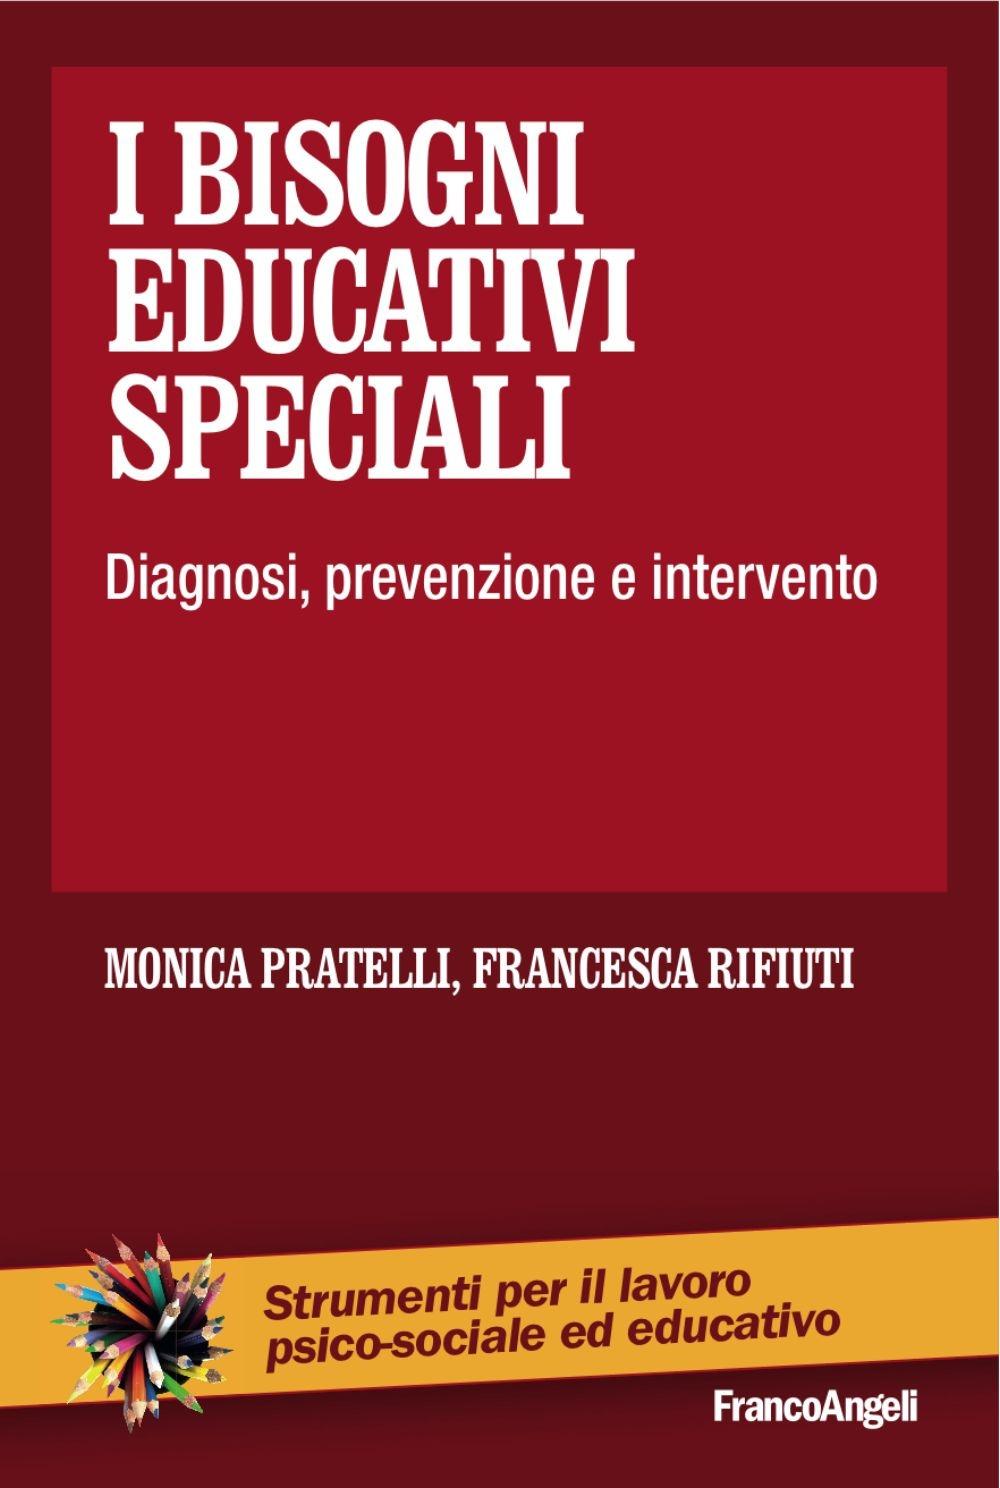 I bisogni educativi speciali. Diagnosi, prevenzione, intervento.